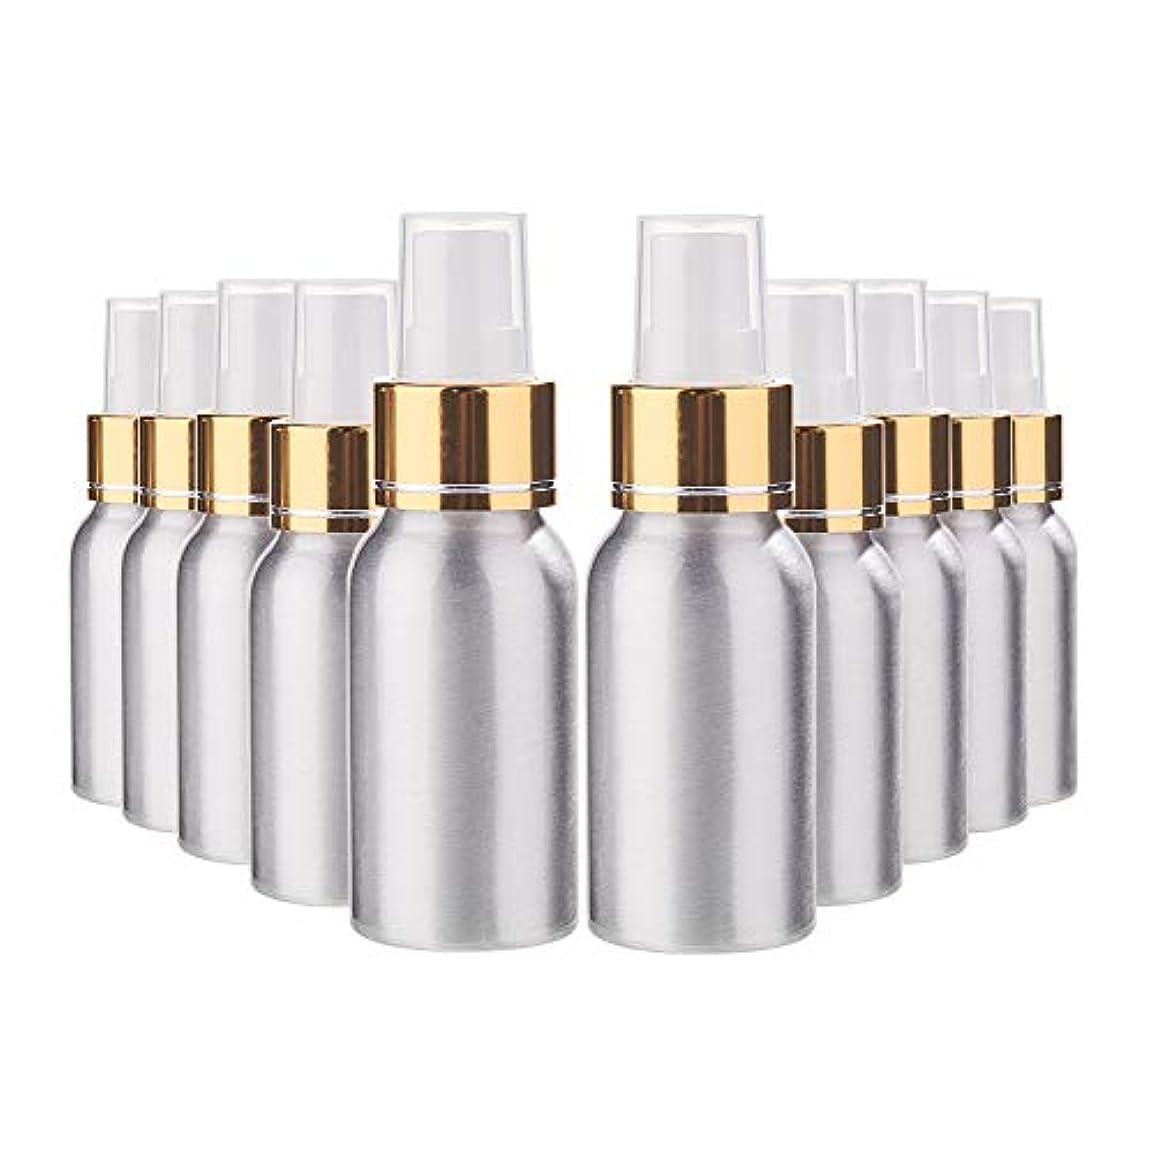 打ち負かす主流緯度BENECREAT 10個セット50mlスプレーアルミボトル 空ボトル 極細のミスト 防錆 軽量 化粧品 香水 小分け 詰め替え